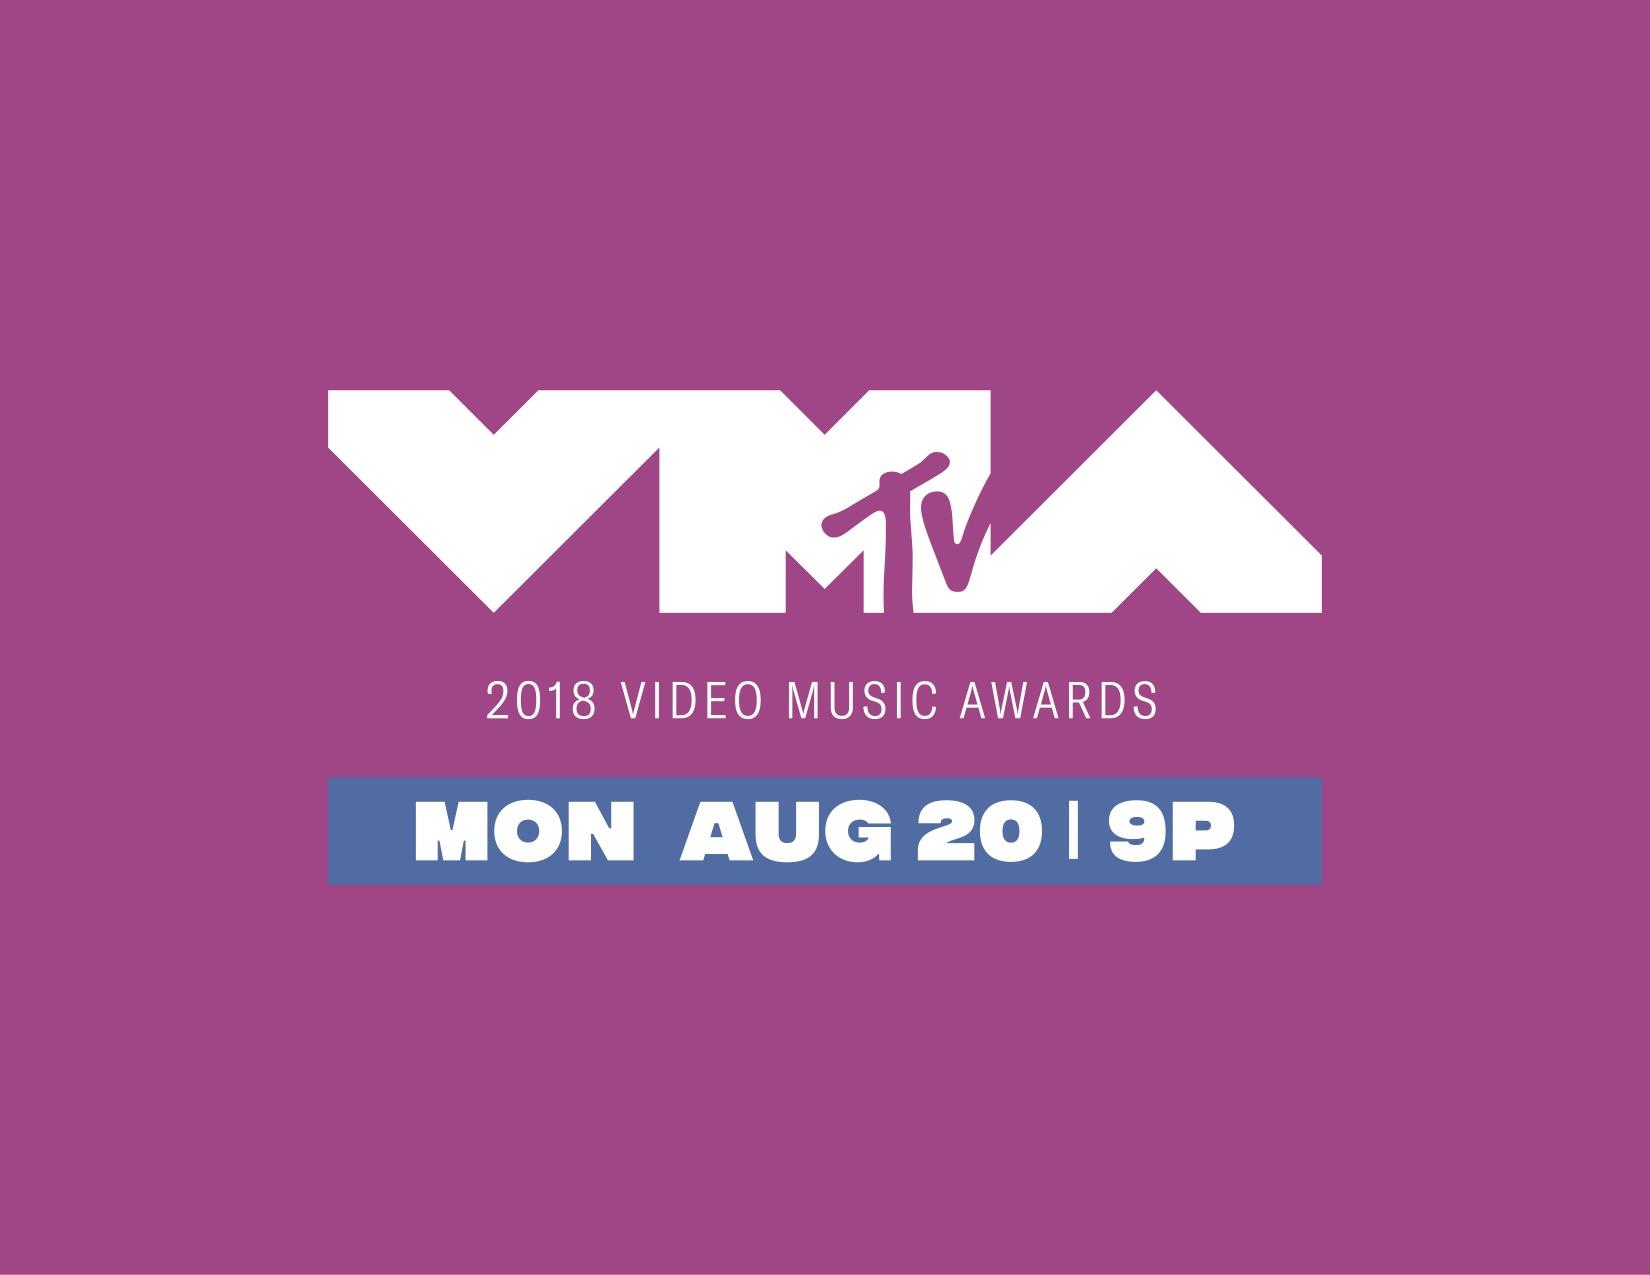 VMA 2018